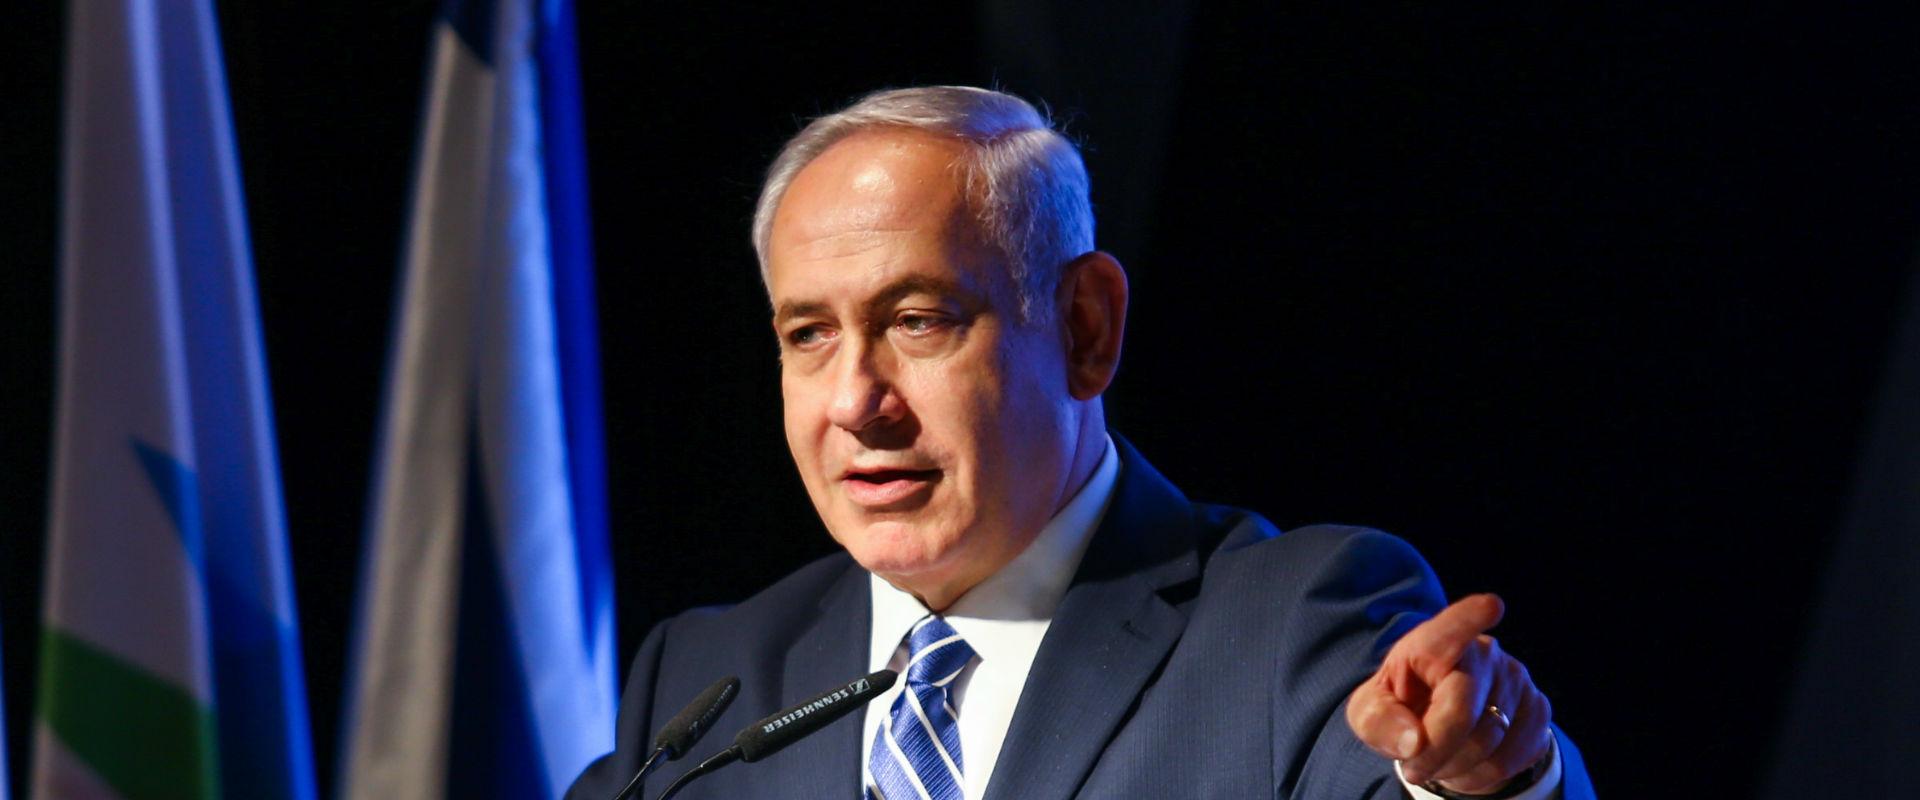 ראש הממשלה בנימין נתניהו באירוע חתימת הסכם גג באשד